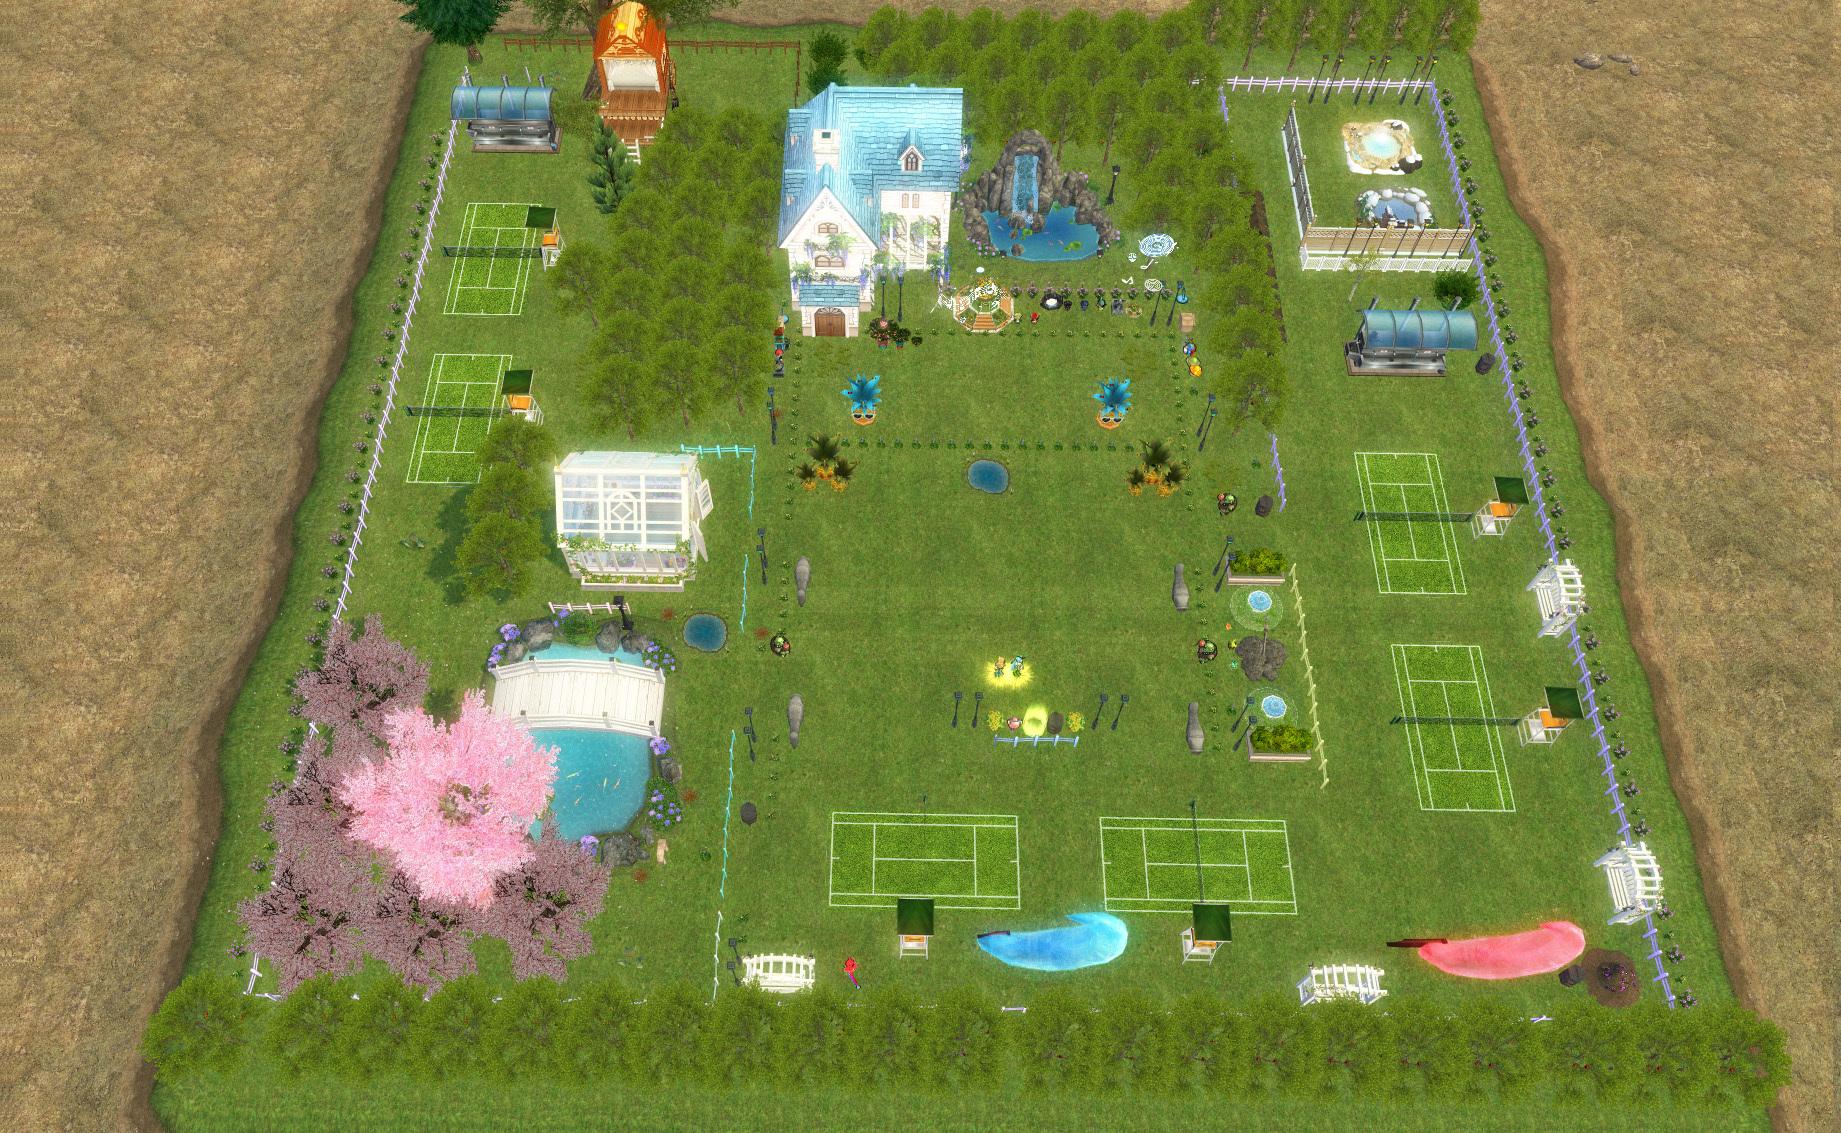 テニスコートとテニスウェア20